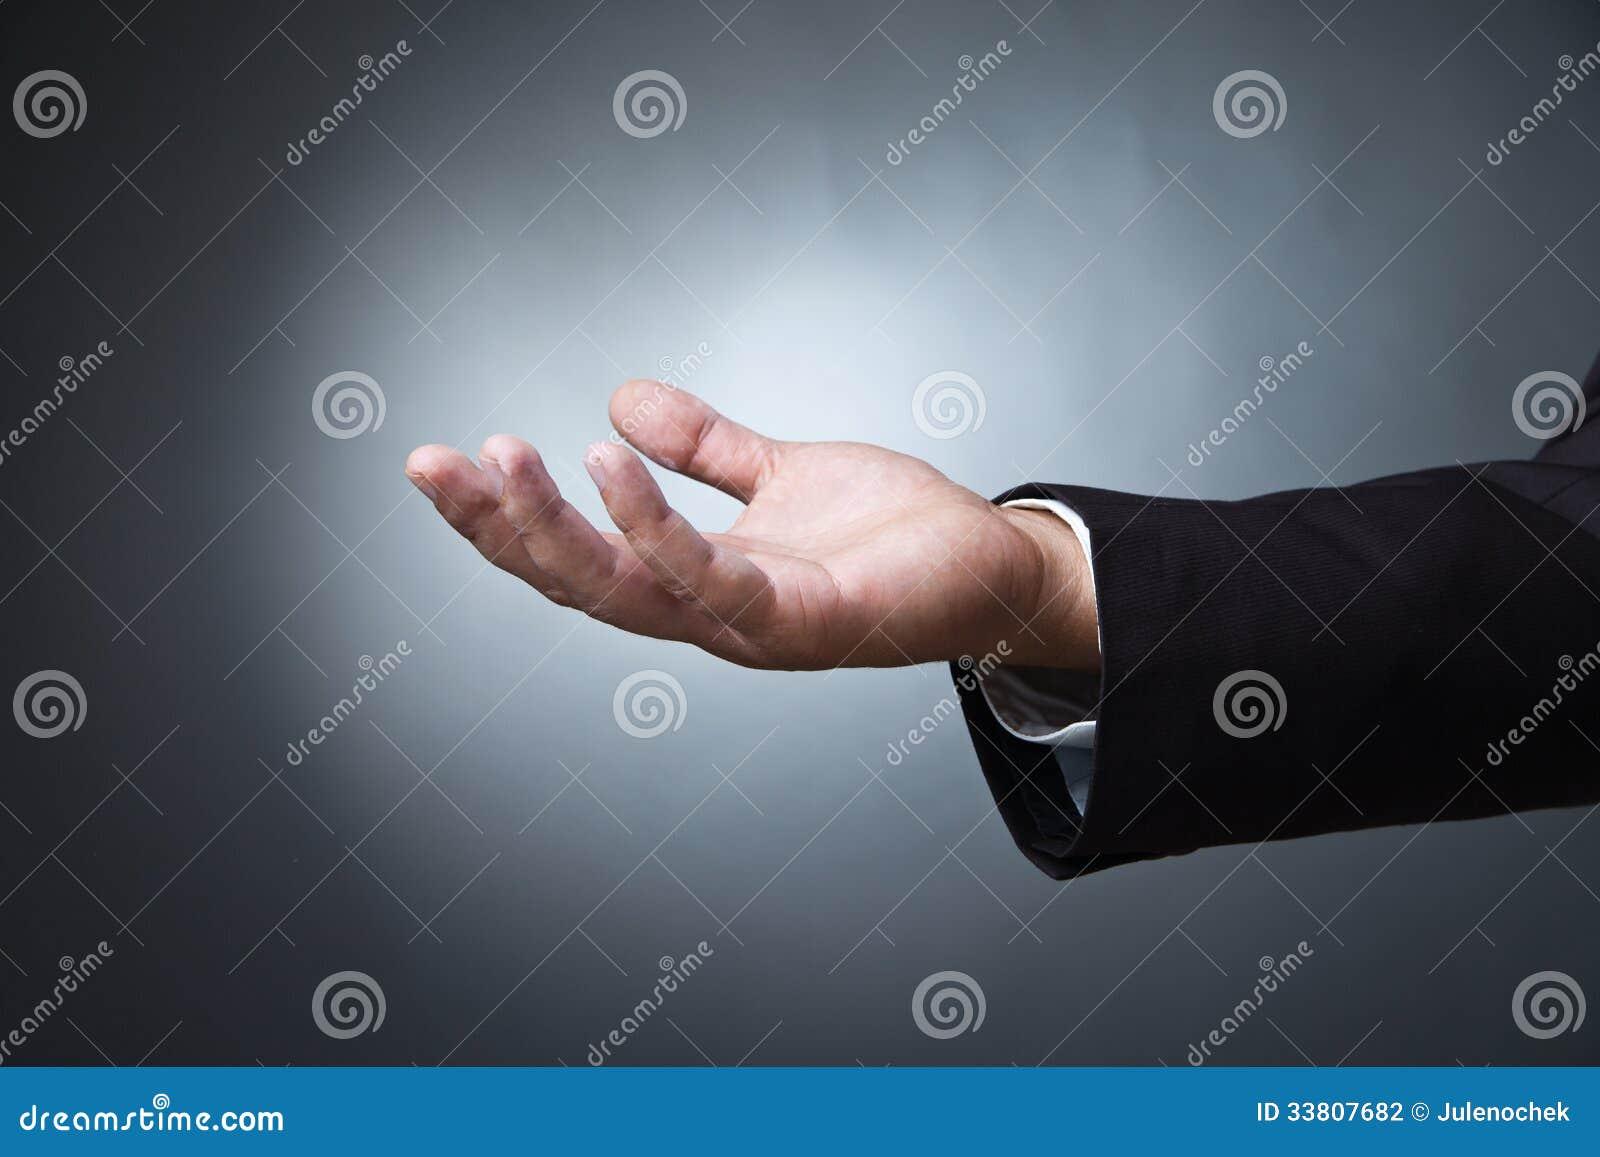 Abra o gesto de mão da palma do homem na obscuridade